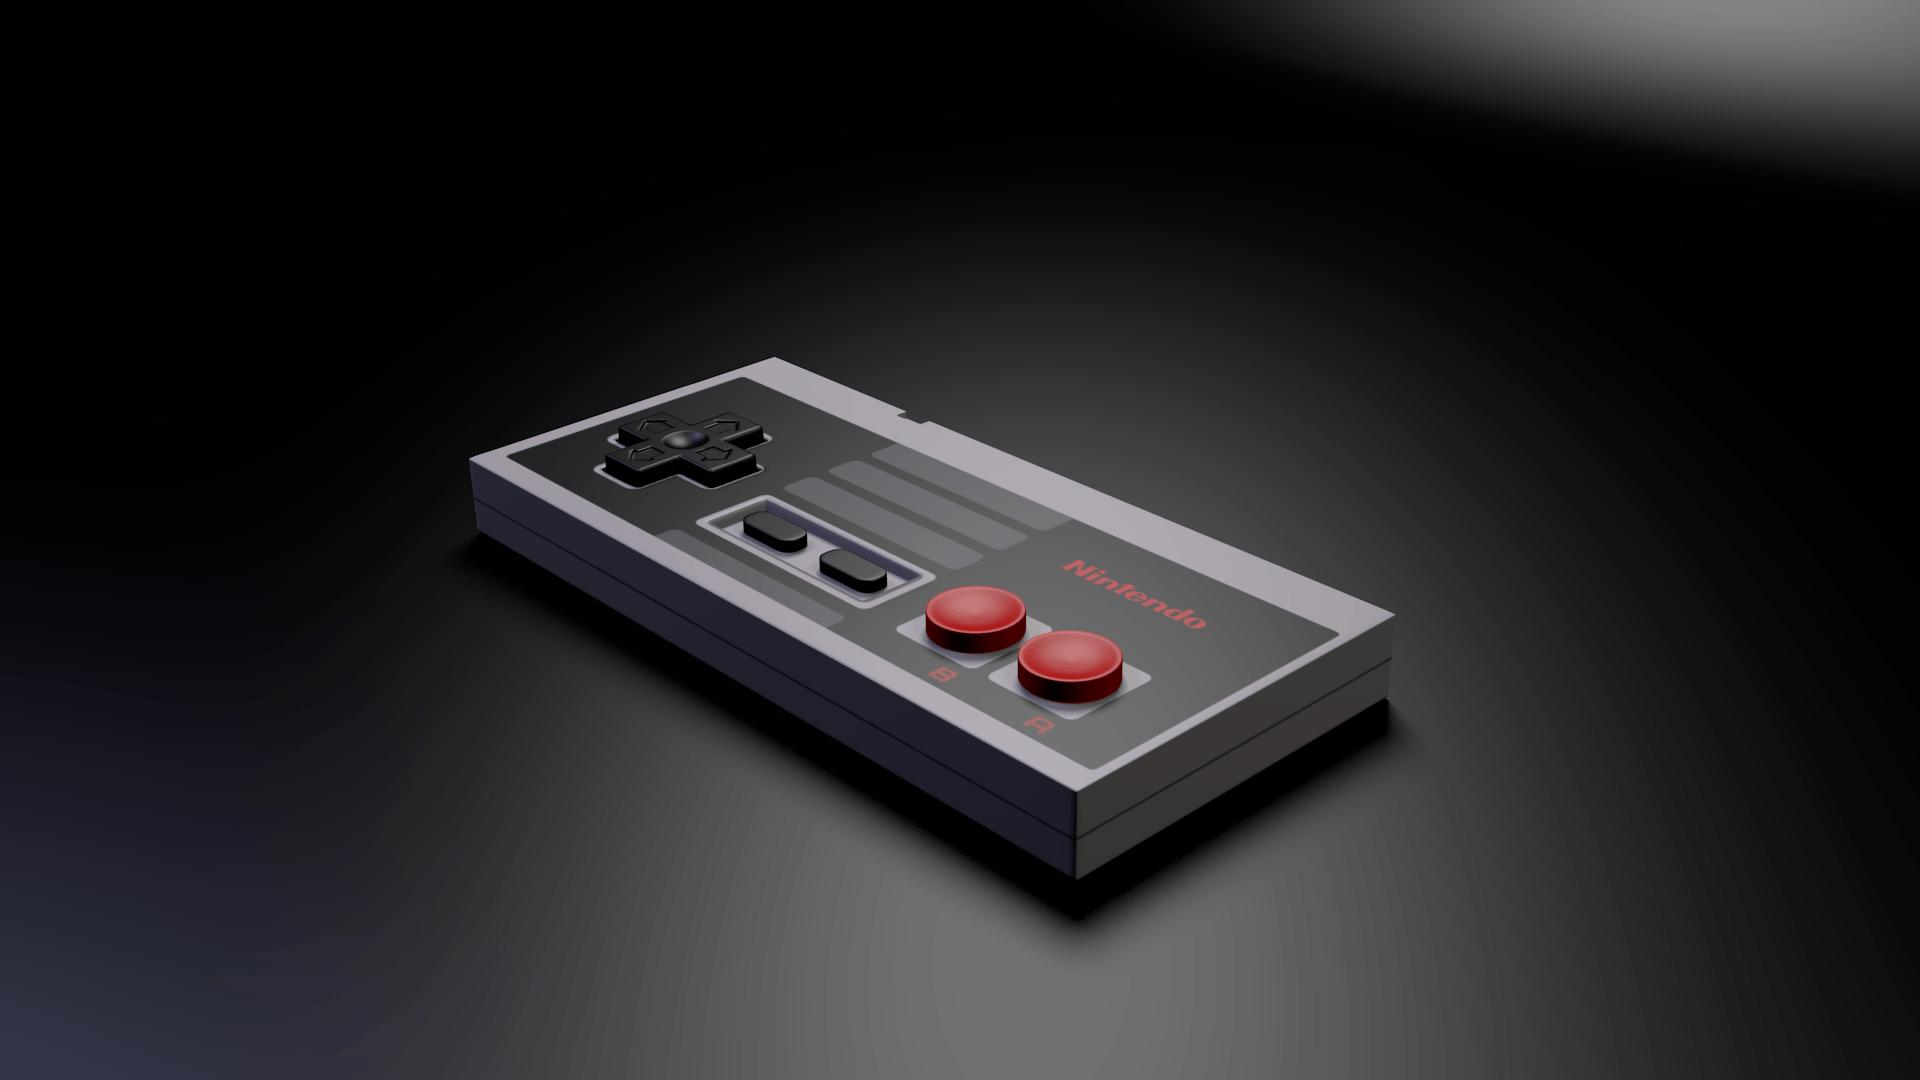 NES Wallpapers 1920x1080